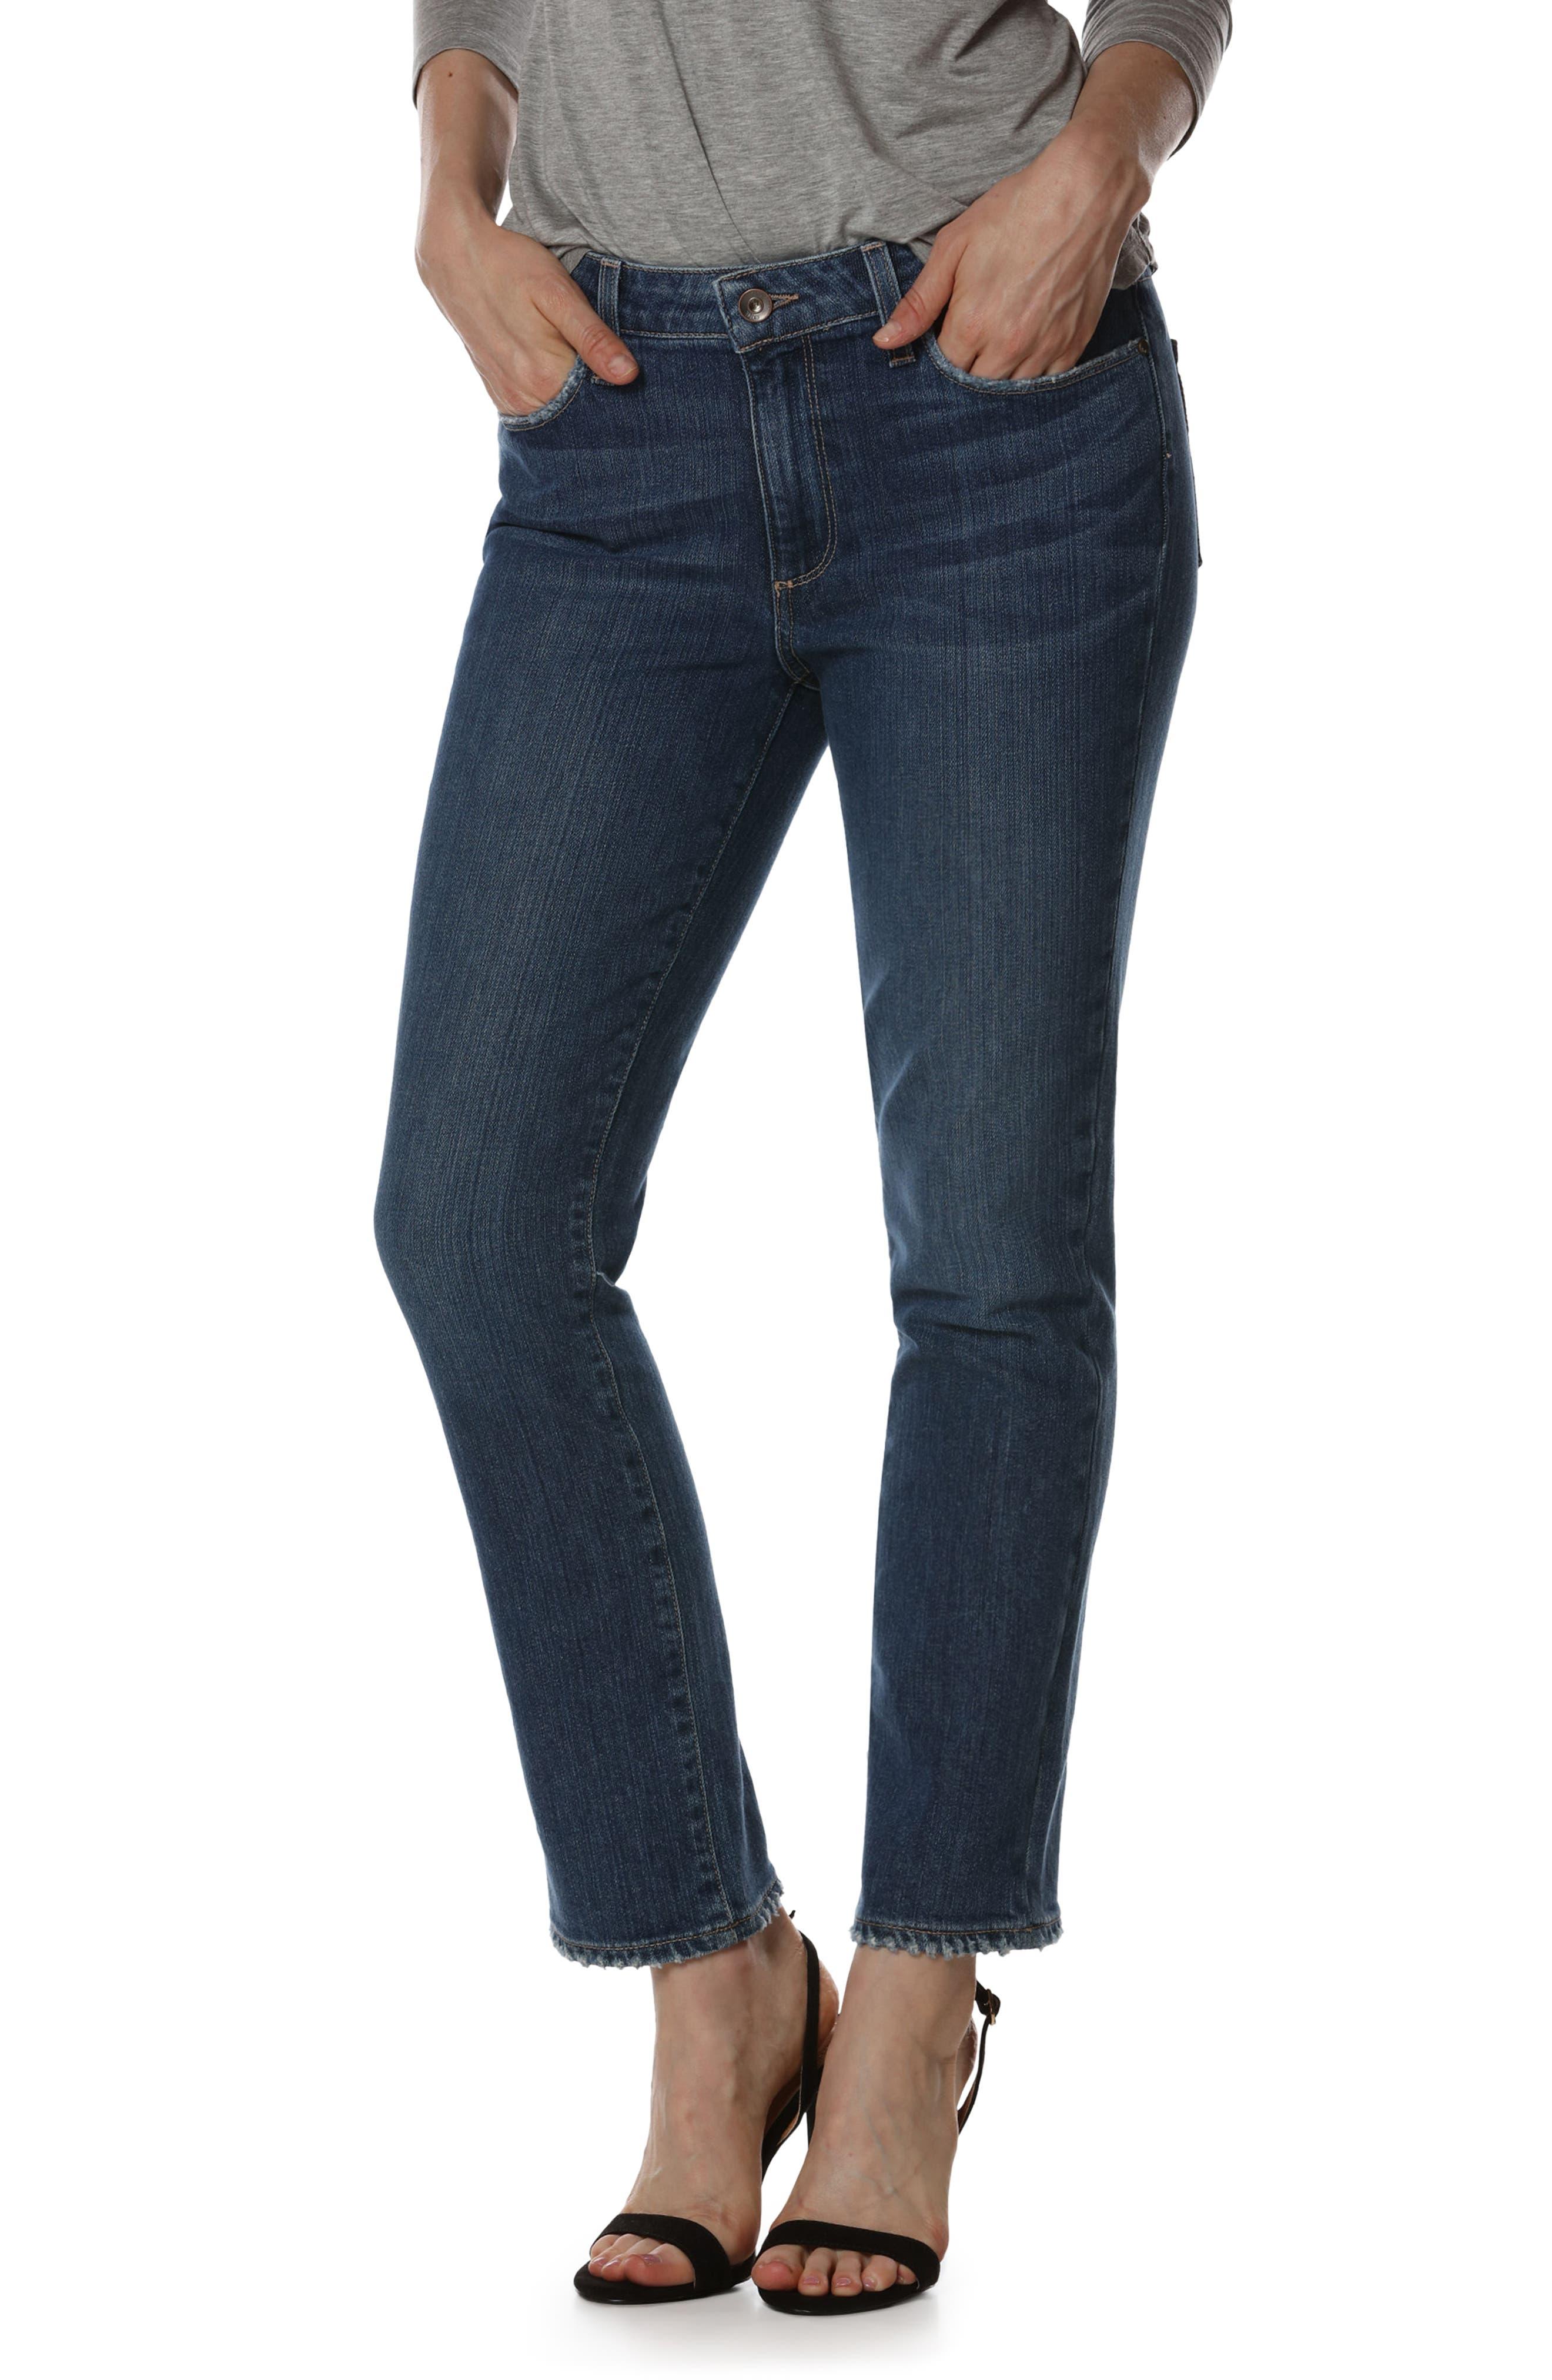 PAIGE Jacqueline High Waist Ankle Straight Leg Jeans